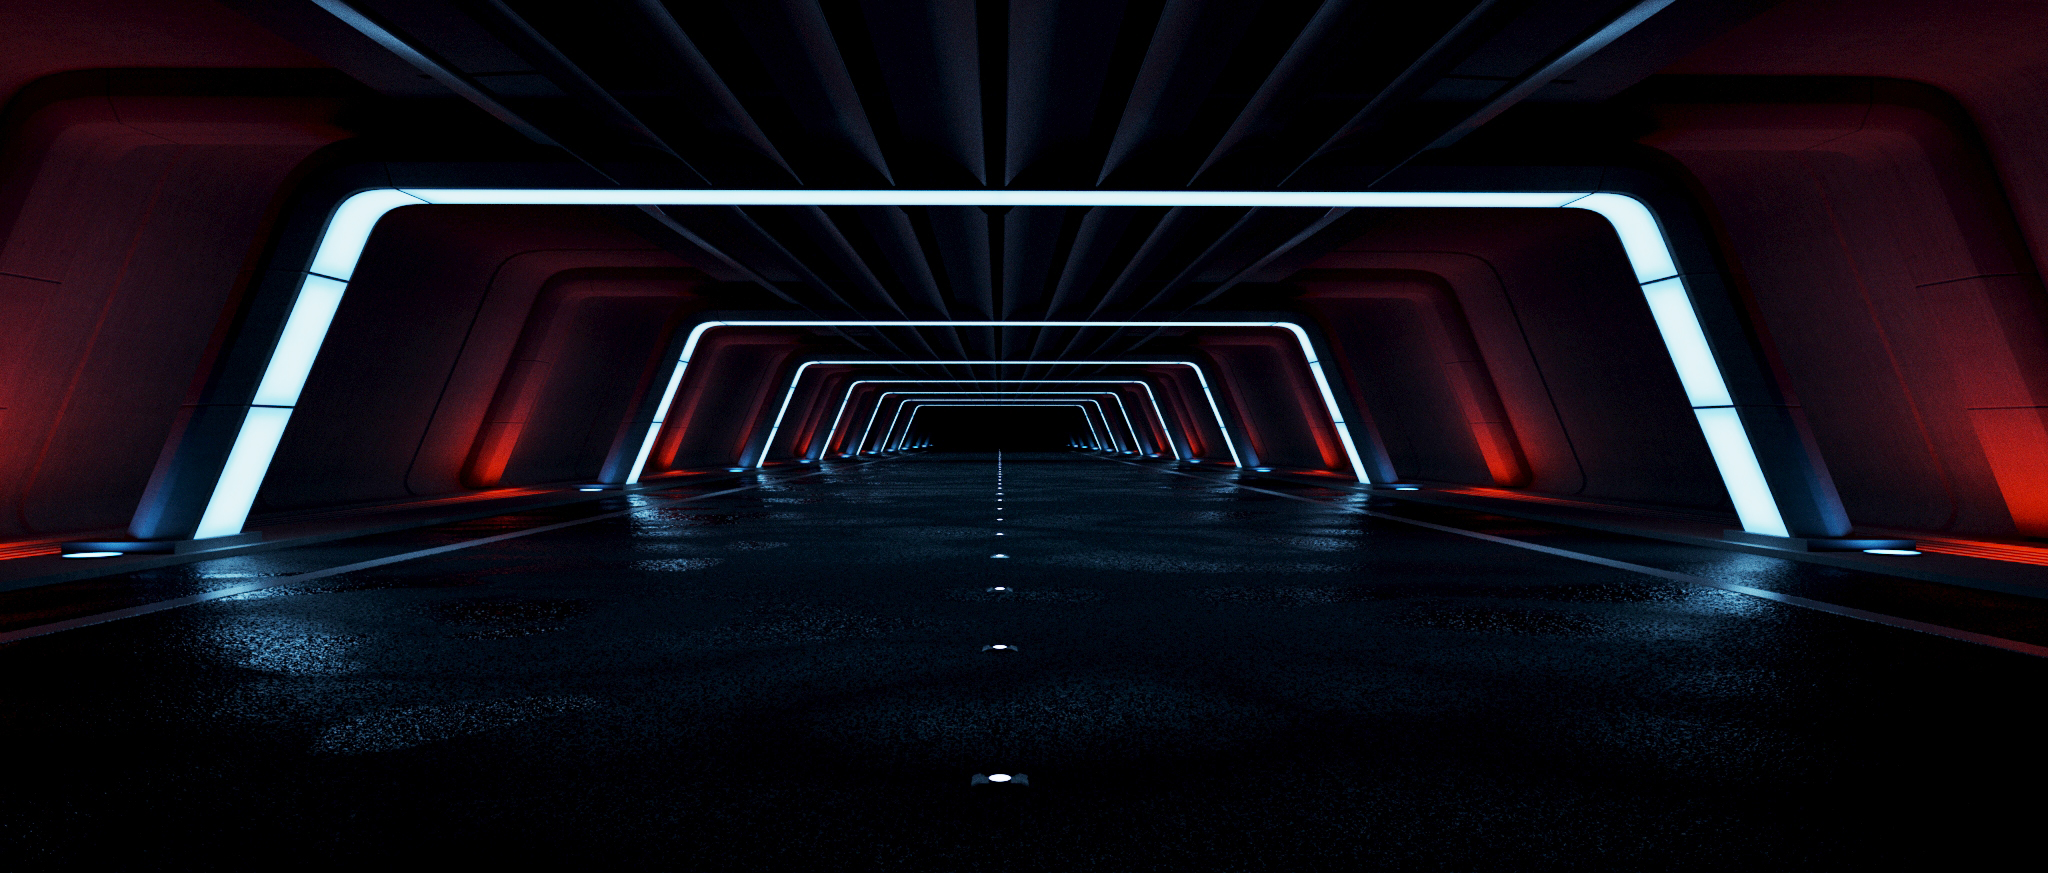 tunnel_red_bg_Ole_Fav